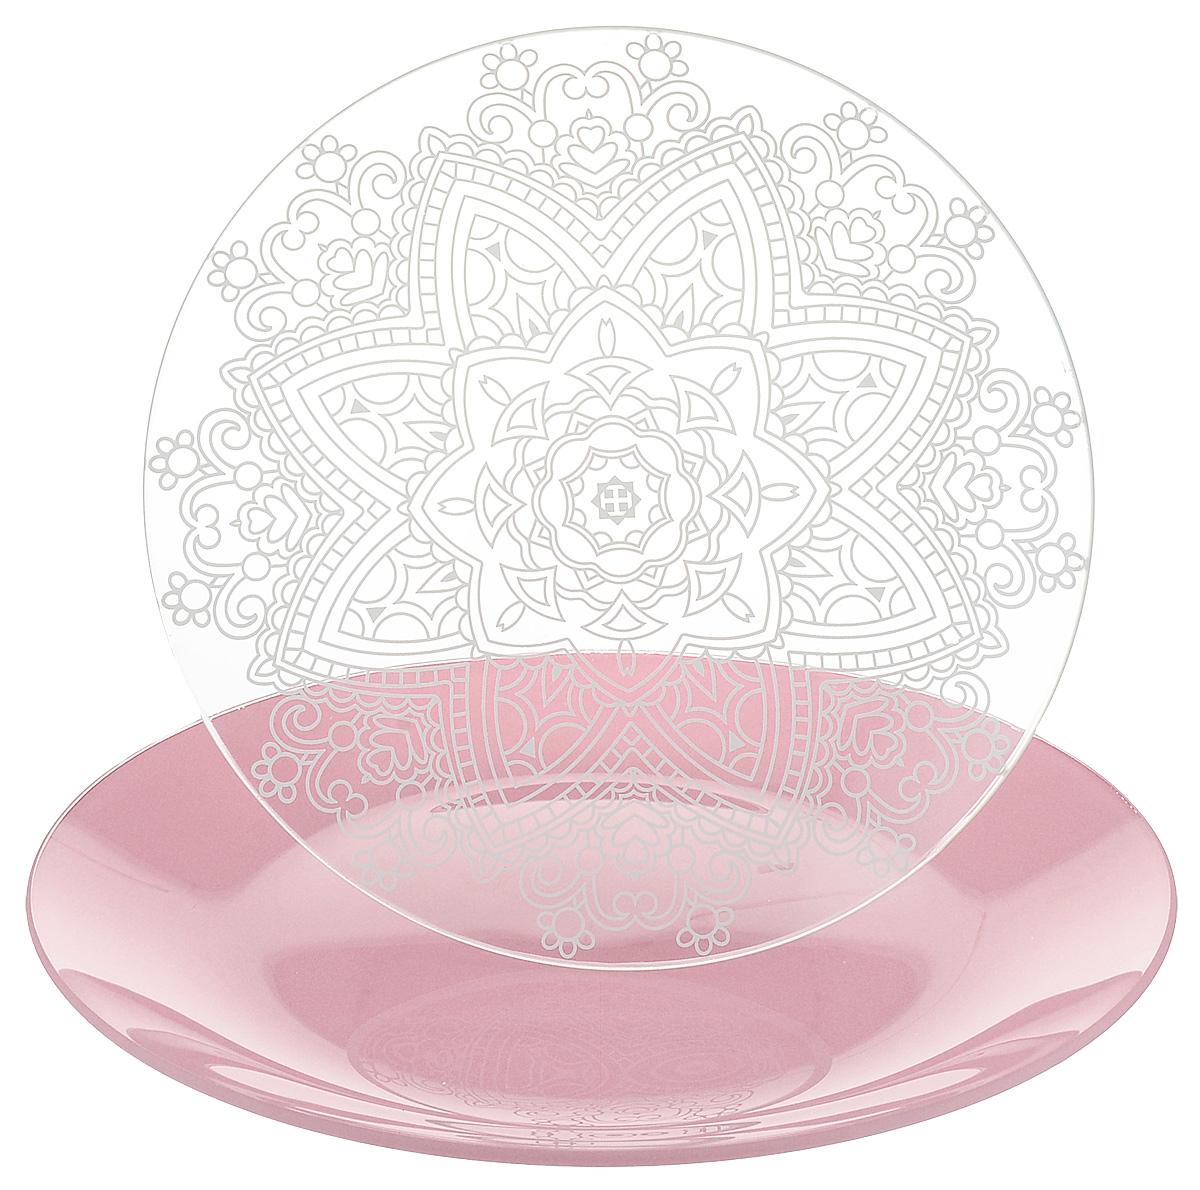 Набор тарелок NiNaGlass, цвет: розовый, диаметр 20 см, 2 шт. 85-200-148пср85-200-148псрНабор тарелок NiNaGlass Кружево и Палитра выполнена из высококачественного стекла, декорирована под Вологодское кружево и подстановочная тарелка яркий насыщенный цвет. Набор идеален для подачи горячих блюд, сервировки праздничного стола, нарезок, салатов, овощей и фруктов. Он отлично подойдет как для повседневных, так и для торжественных случаев. Такой набор прекрасно впишется в интерьер вашей кухни и станет достойным дополнением к кухонному инвентарю.